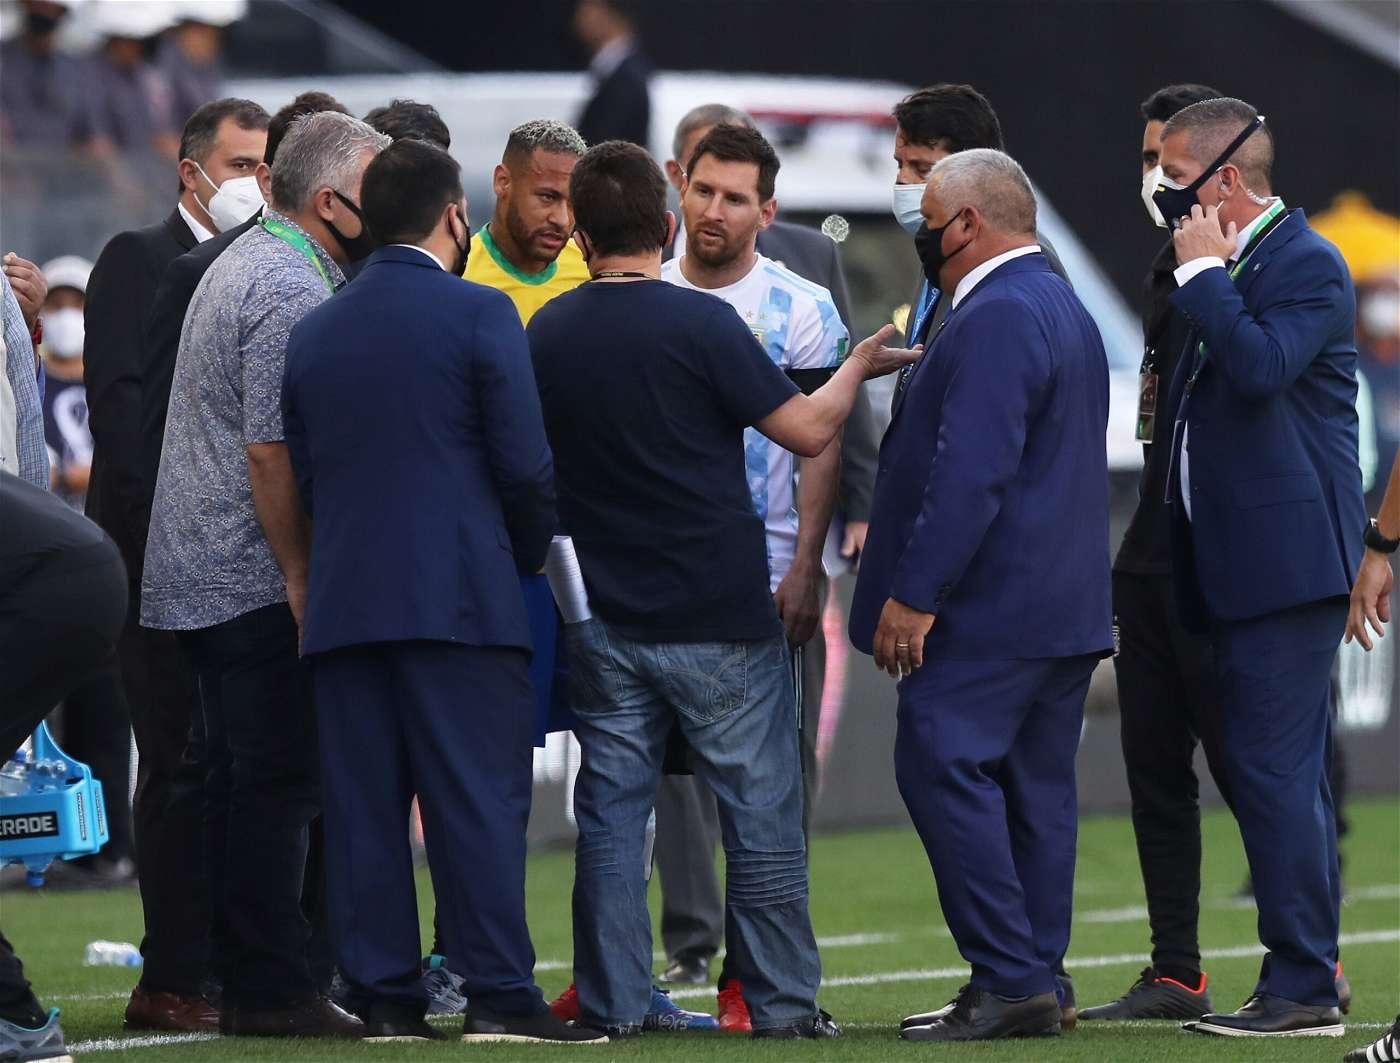 اعرف السبب.. توقف مباراة البرازيل والأرجنتين